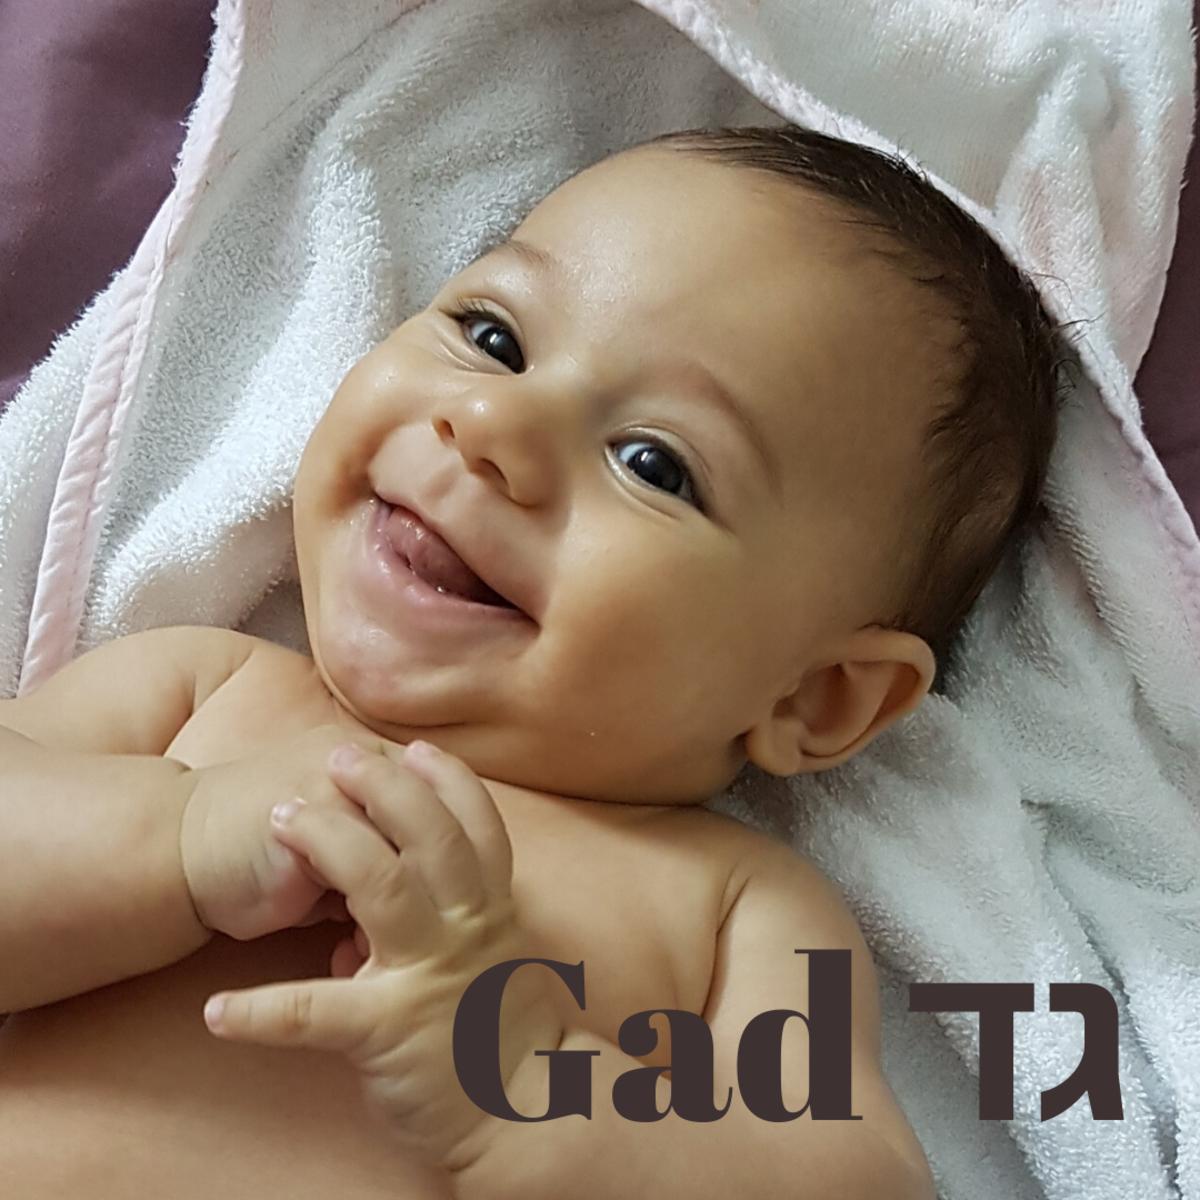 Baby Gad גד